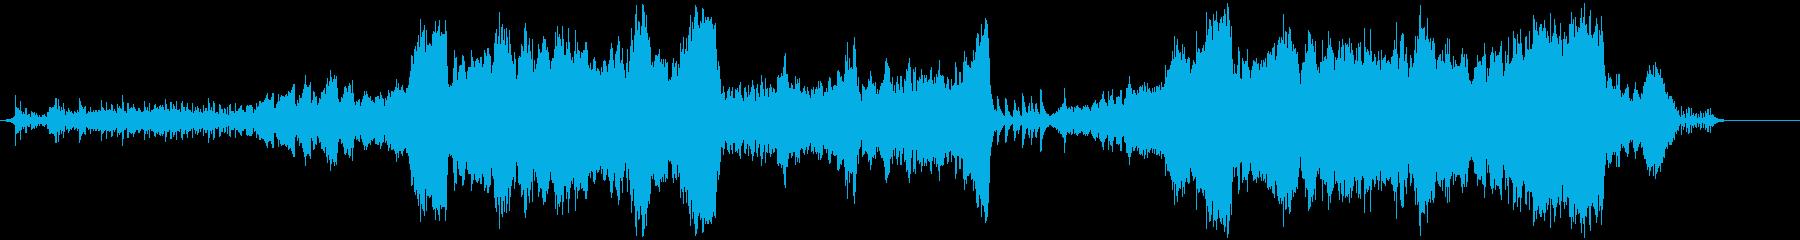 企業VP  希望へと向かうオーケストラ曲の再生済みの波形